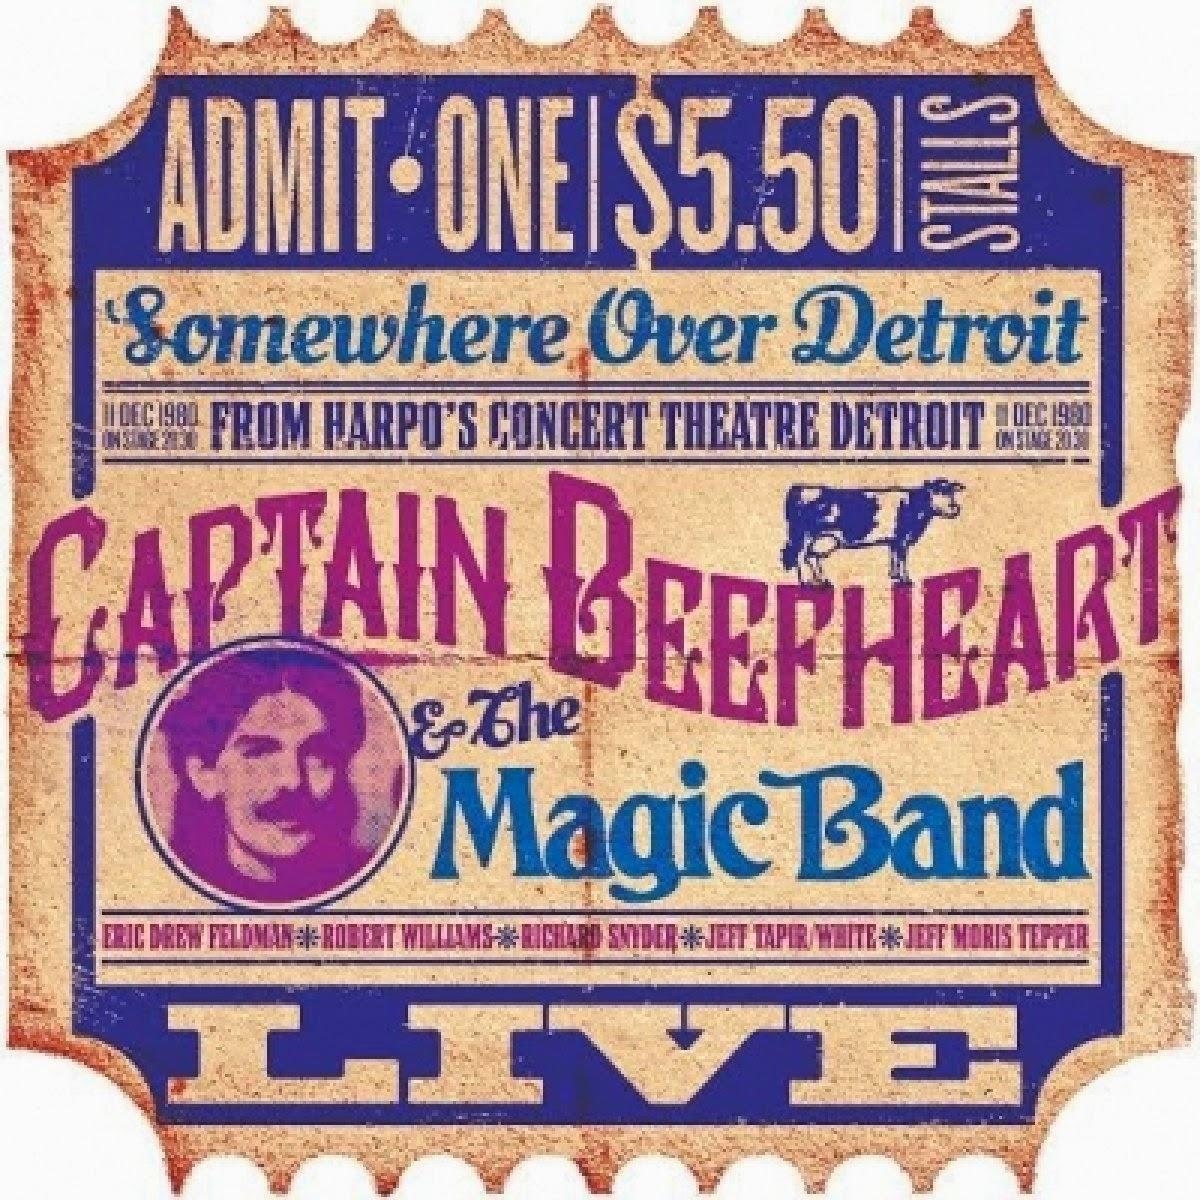 Captain Beefheart Harpo's 1980